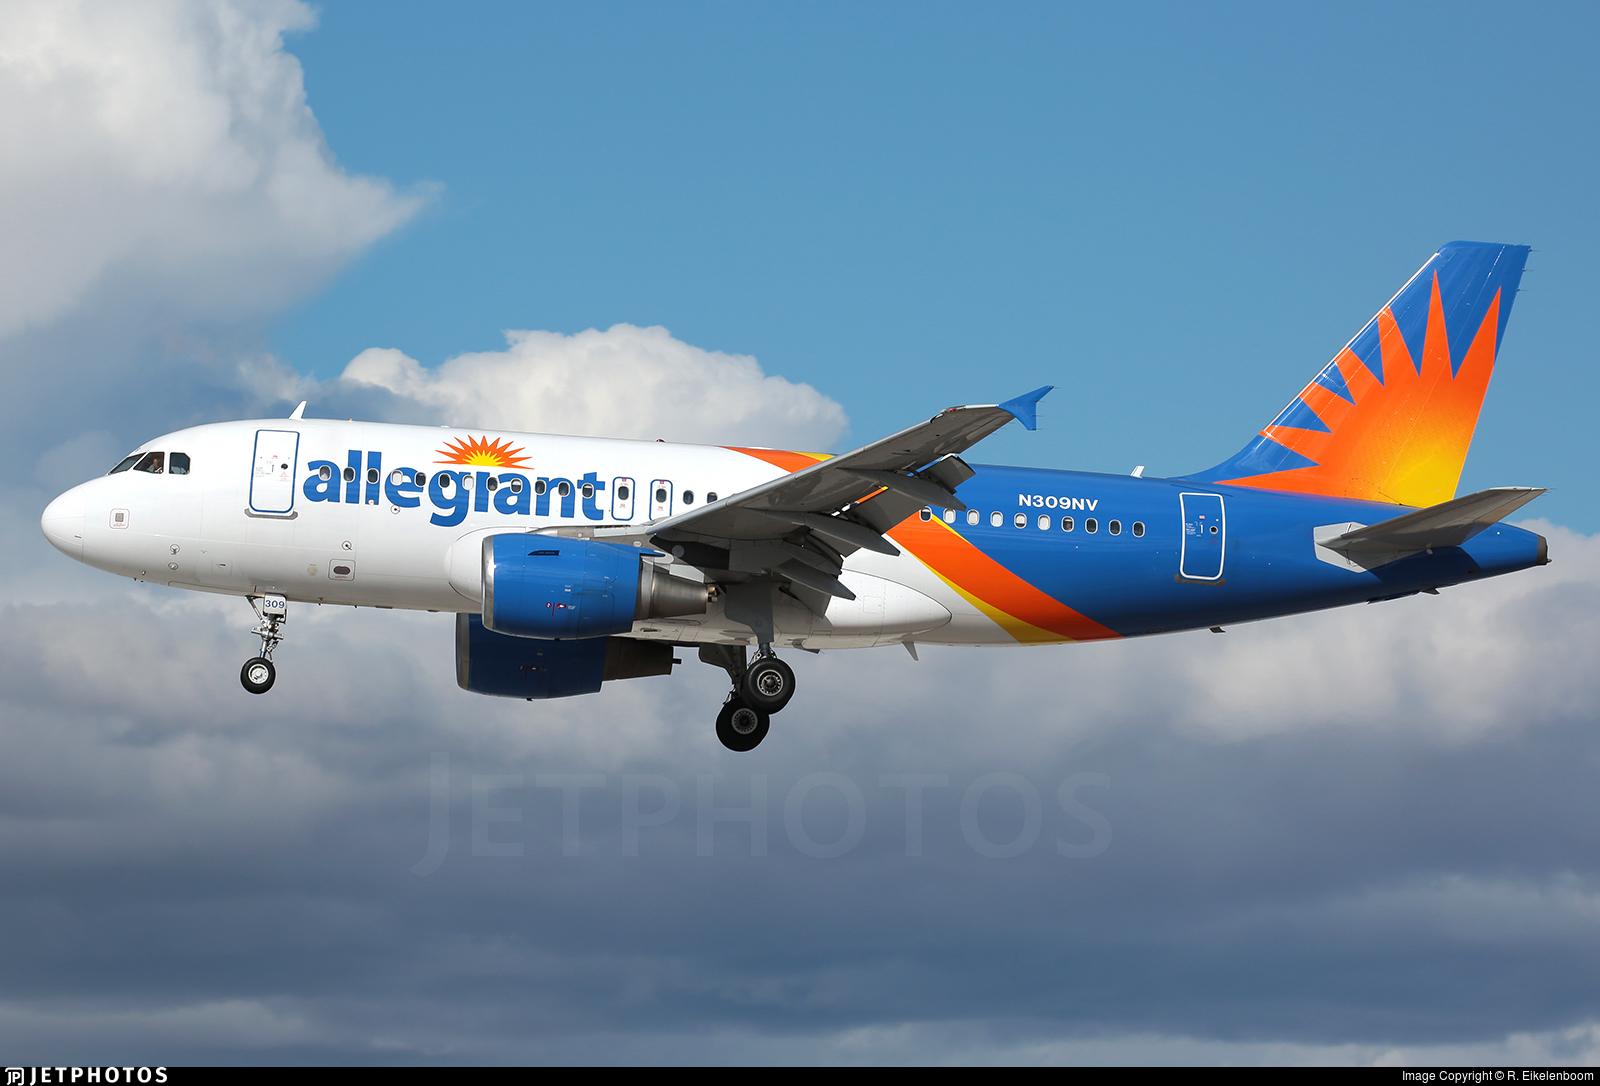 N309NV - Airbus A319-111 - Allegiant Air